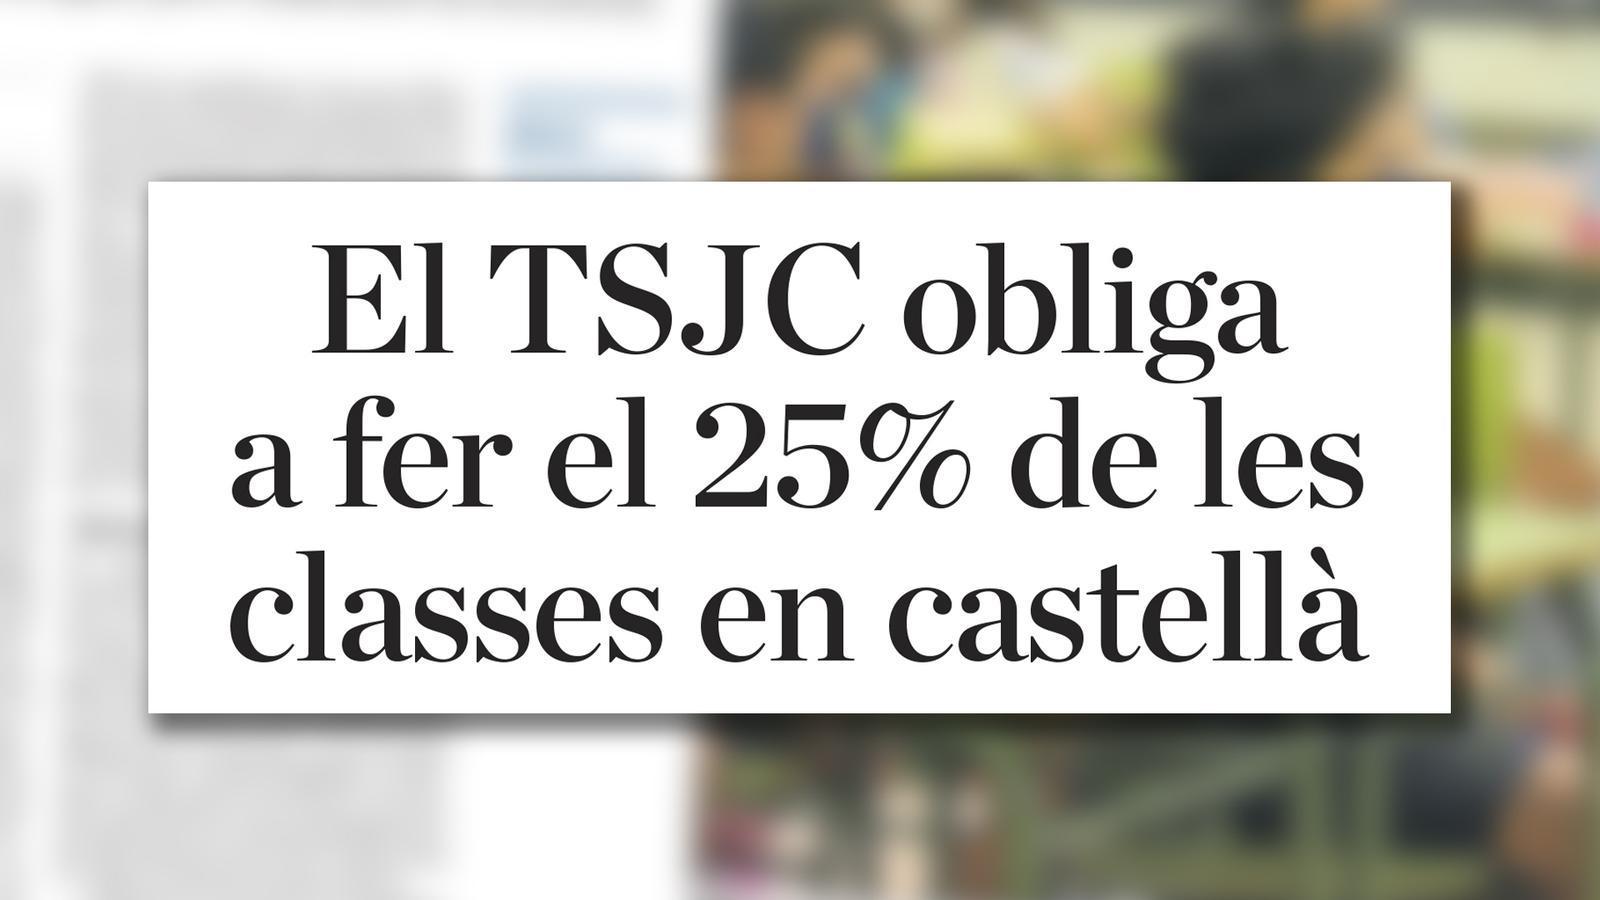 L'anàlisi d'Antoni Bassas: 'El català i el missatge del TSJC'